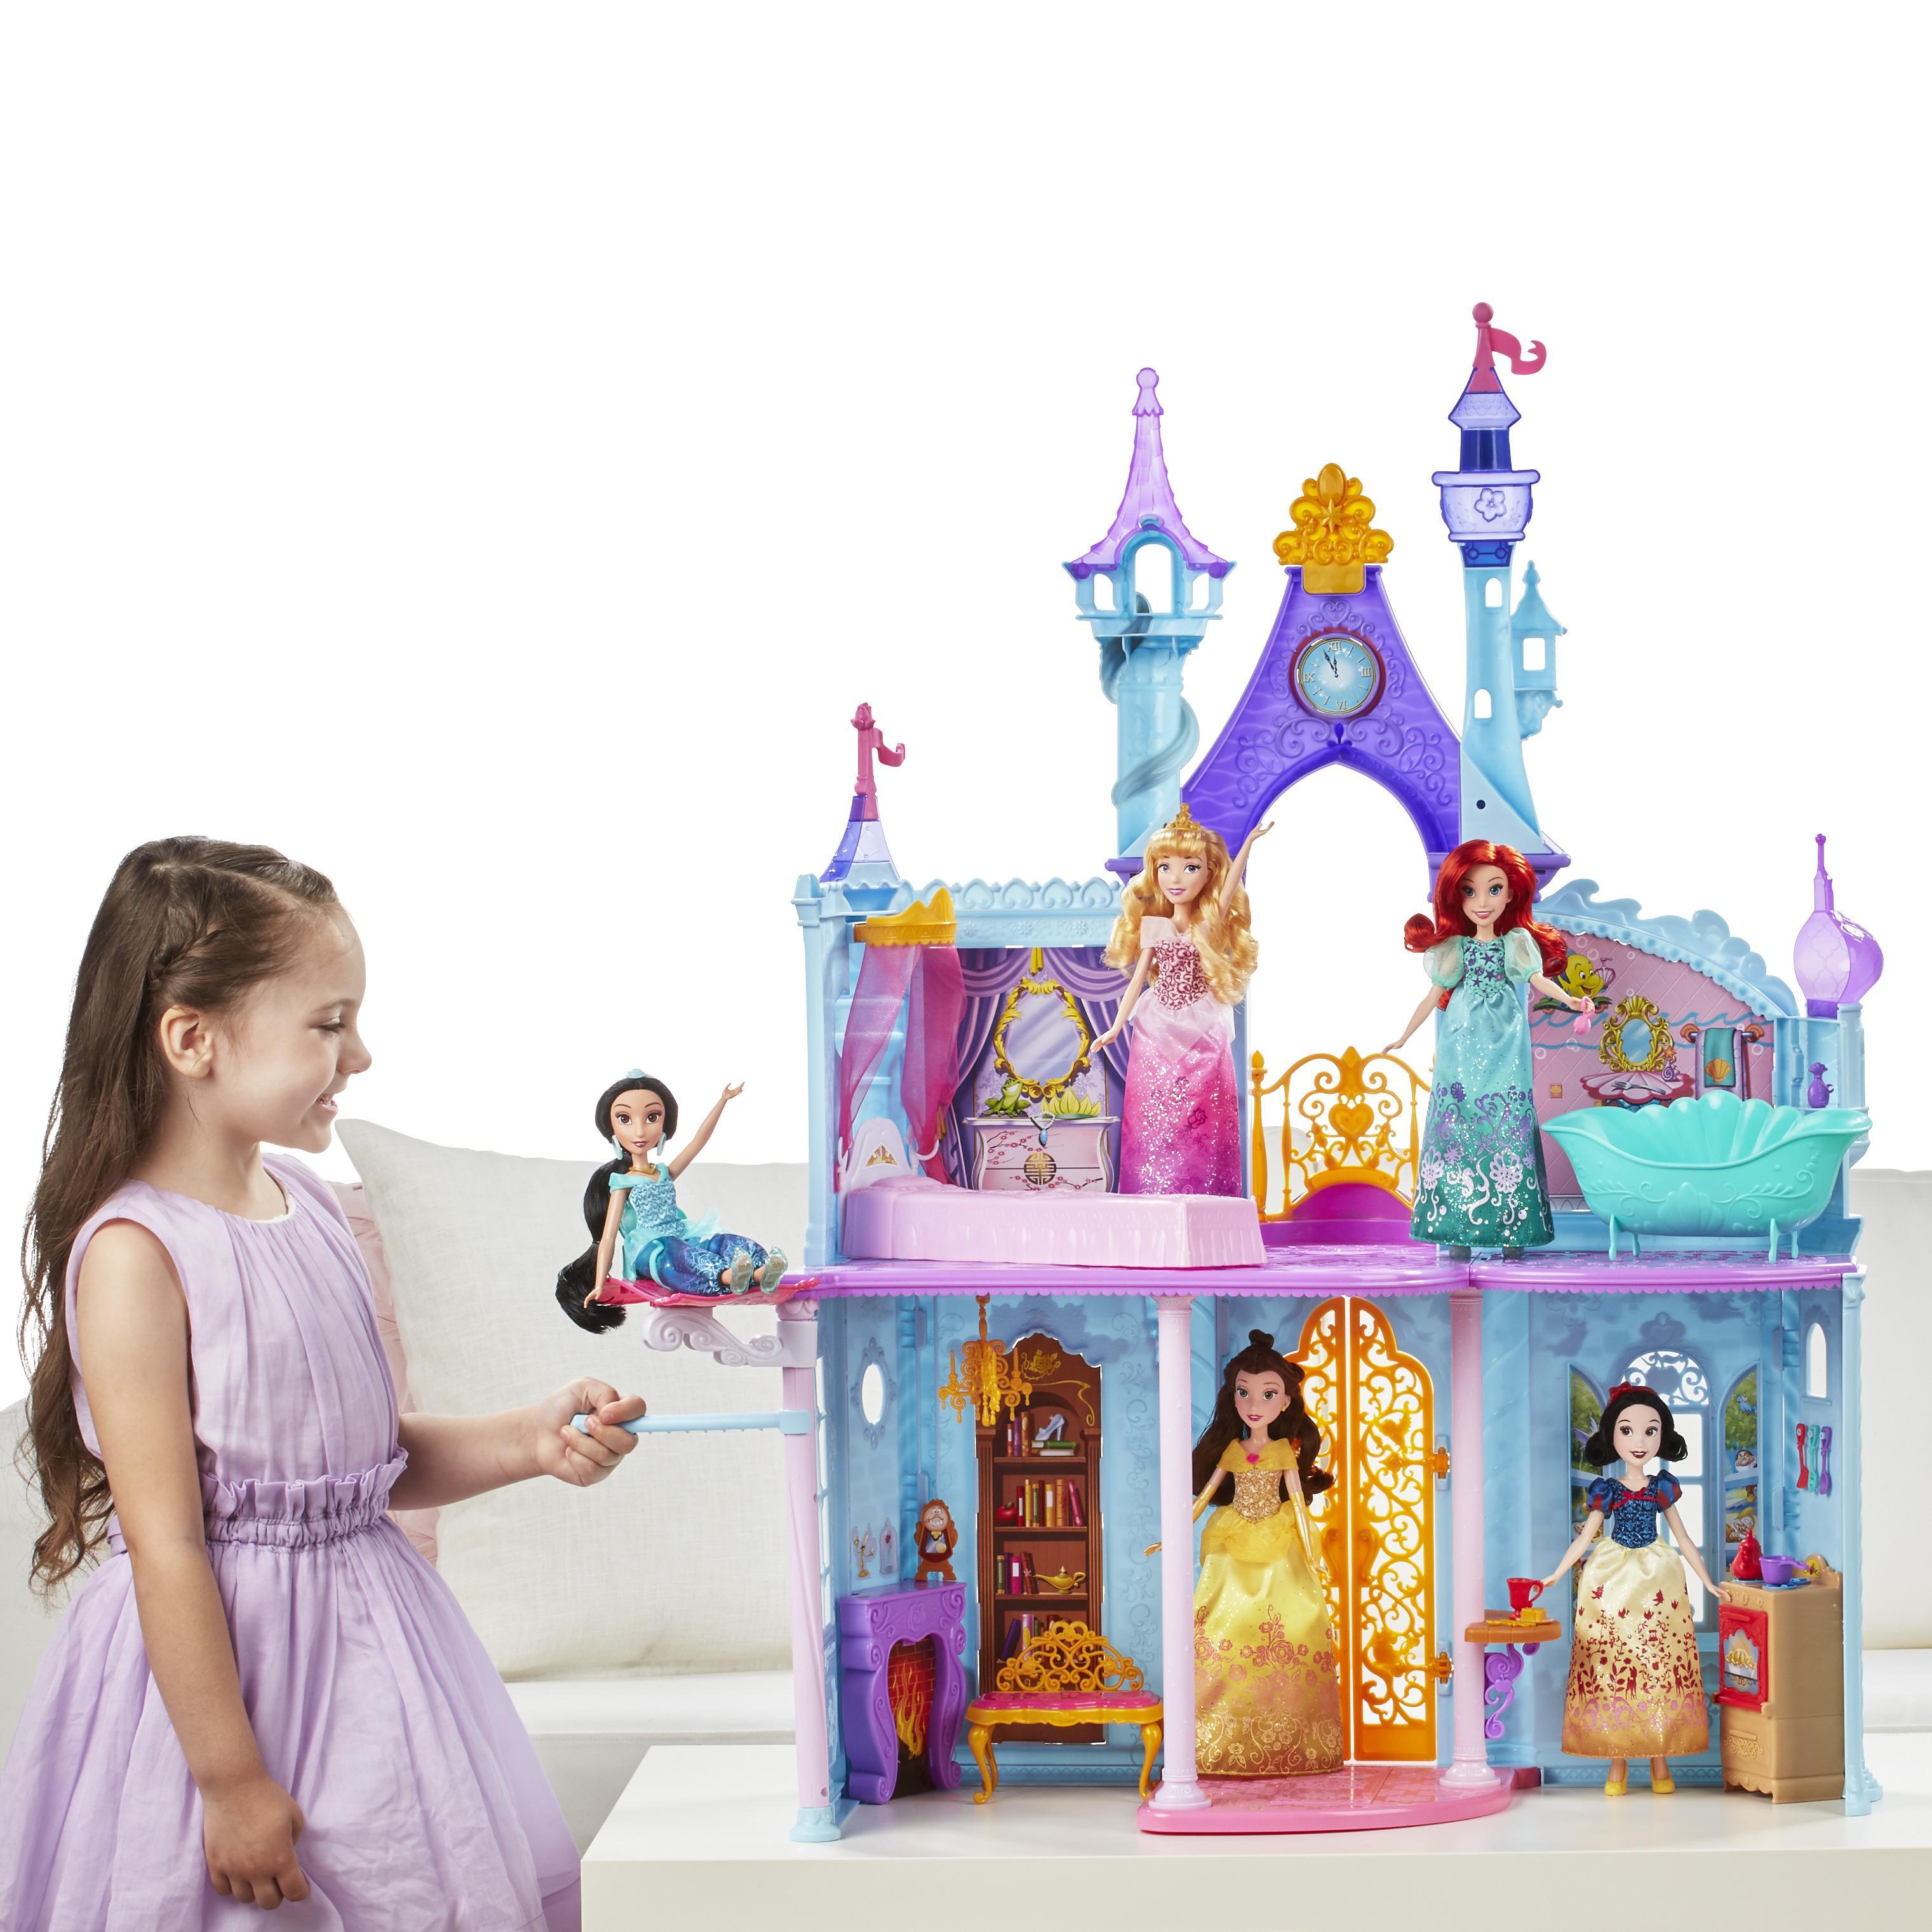 Amazon.com: Disney Princess Royal Dreams Castle: Toys & Games